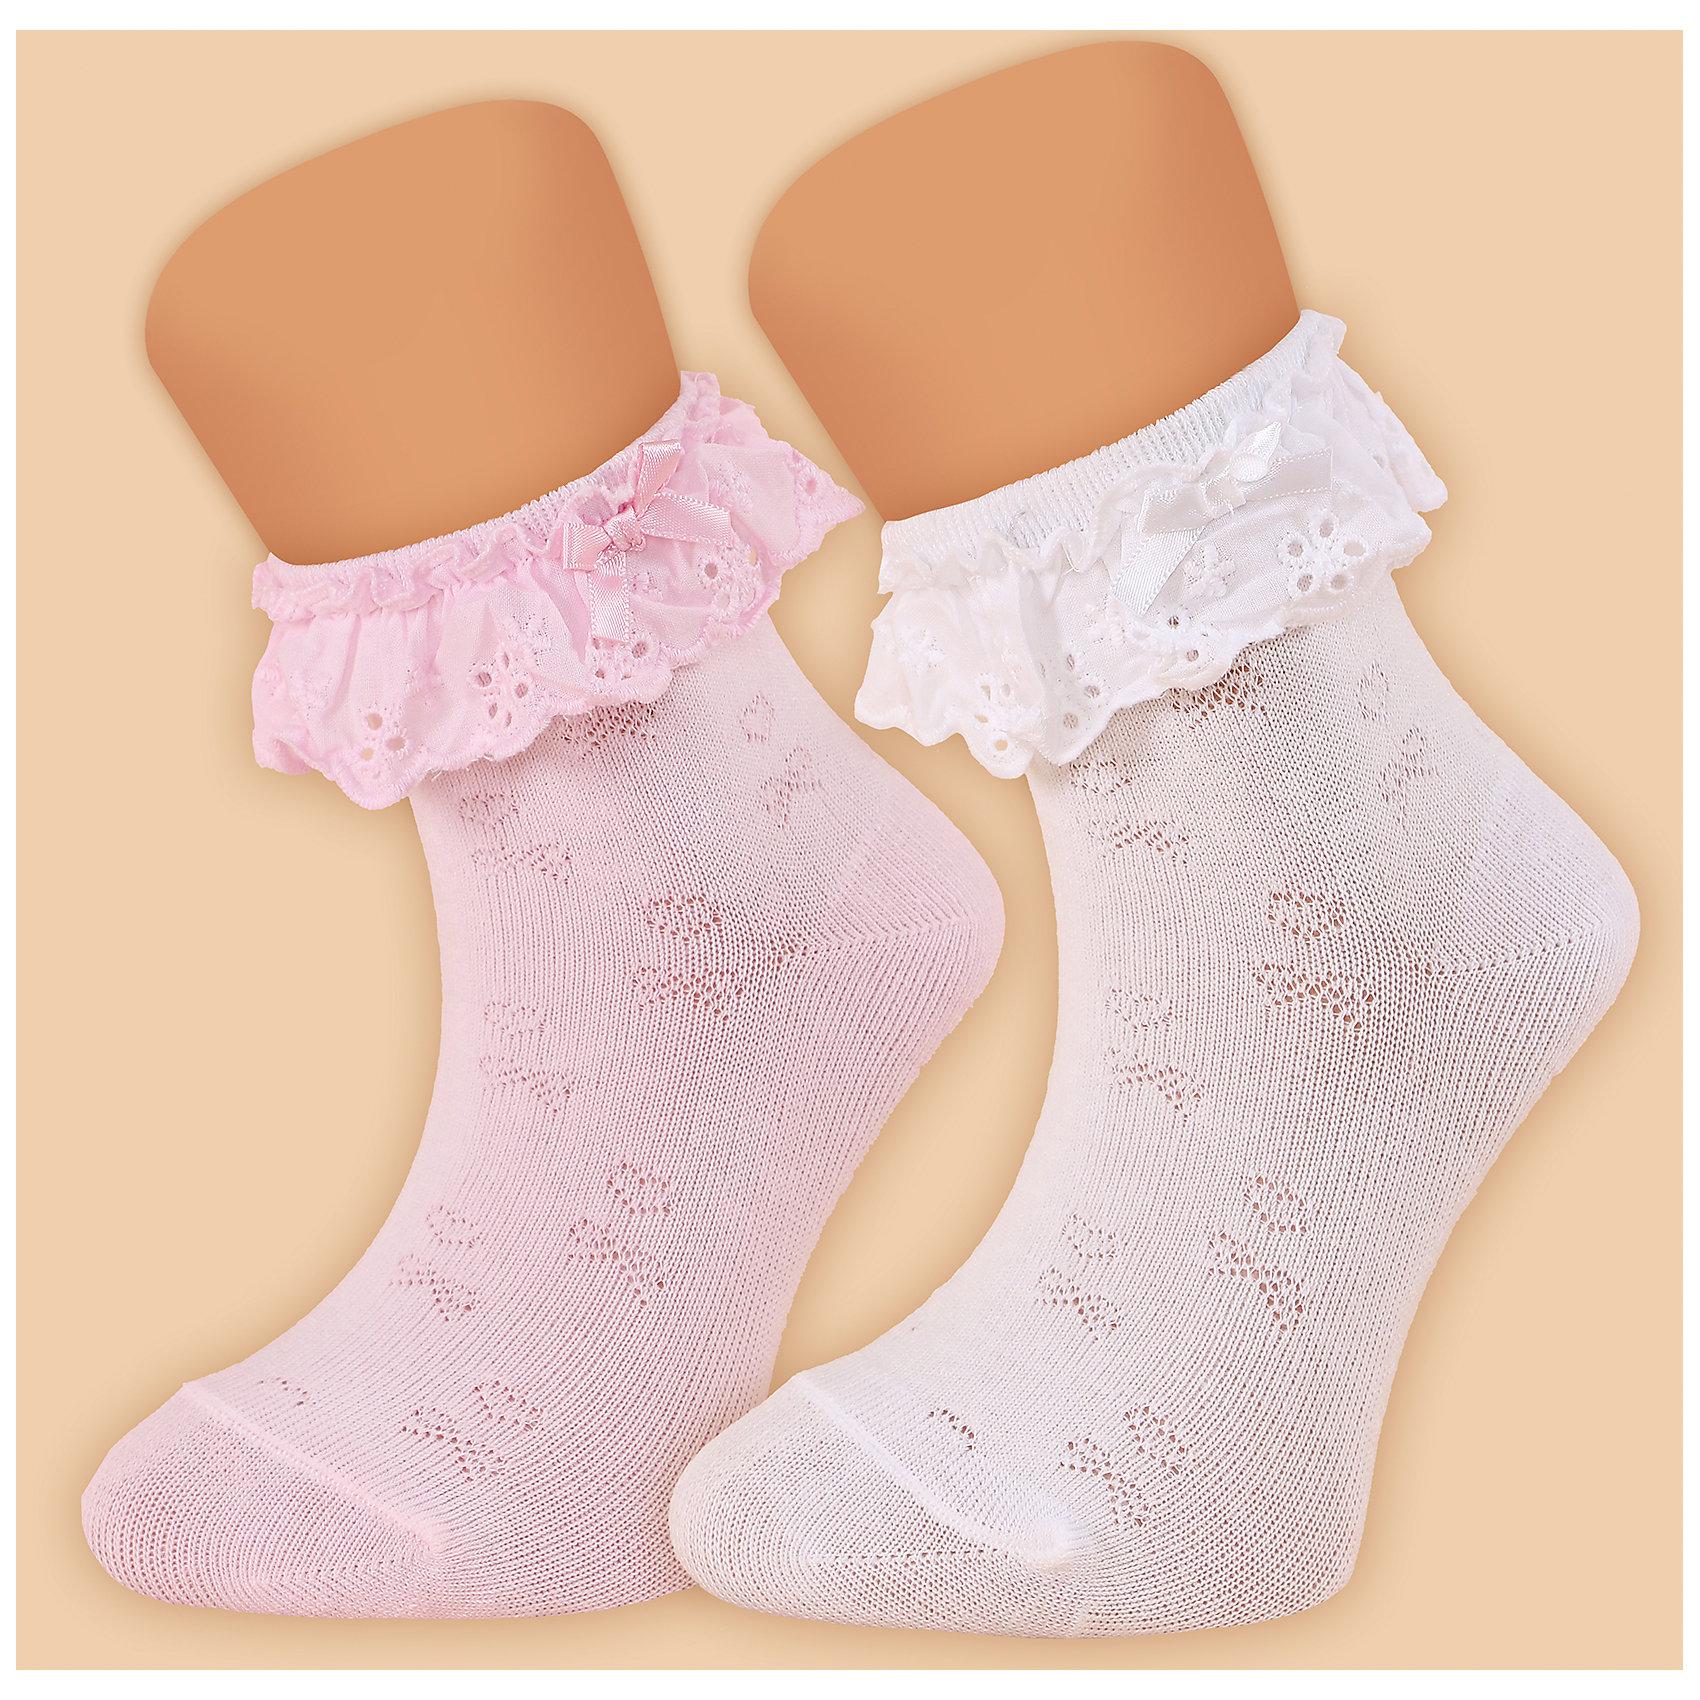 Носки для девочки  GlamurikiНоски<br>Характеристики:<br><br>• Вид одежды: чулочно-носочные изделия<br>• Сезон: круглый год<br>• Пол: для девочки<br>• Цвет: розовый<br>• Коллекция: Классик<br>• Материал: лайкра – 2%, нейлон – 25%, хлопок – 73%<br>• Уход: ручная стирка<br><br>Носки для девочки  Glamuriki изготовлены по итальянской технологии из трикотажа высокого качества, в состав которого входит лайкра, нейлон и хлопок. Такое сочетание обеспечивает прочность, эластичность и хорошую посадку на ноге.  Изделие полностью гипоаллергенно. Носки выполнены ажурной вязкой розового цвета, на резинке имеется оборка из хлопка с шитьем и узкий бантик. Такие носочки дополнят праздничный образ вашей девочки и станут ярким аксессуаром детского гардероба.  <br><br>Носки для девочки  Glamuriki можно купить в нашем интернет-магазине.<br><br>Подробнее:<br>Номер товара: 4973193<br>Страна производитель: Китай<br><br>Ширина мм: 87<br>Глубина мм: 10<br>Высота мм: 105<br>Вес г: 115<br>Цвет: розовый<br>Возраст от месяцев: 72<br>Возраст до месяцев: 84<br>Пол: Женский<br>Возраст: Детский<br>Размер: 28-30,24-26<br>SKU: 4973193